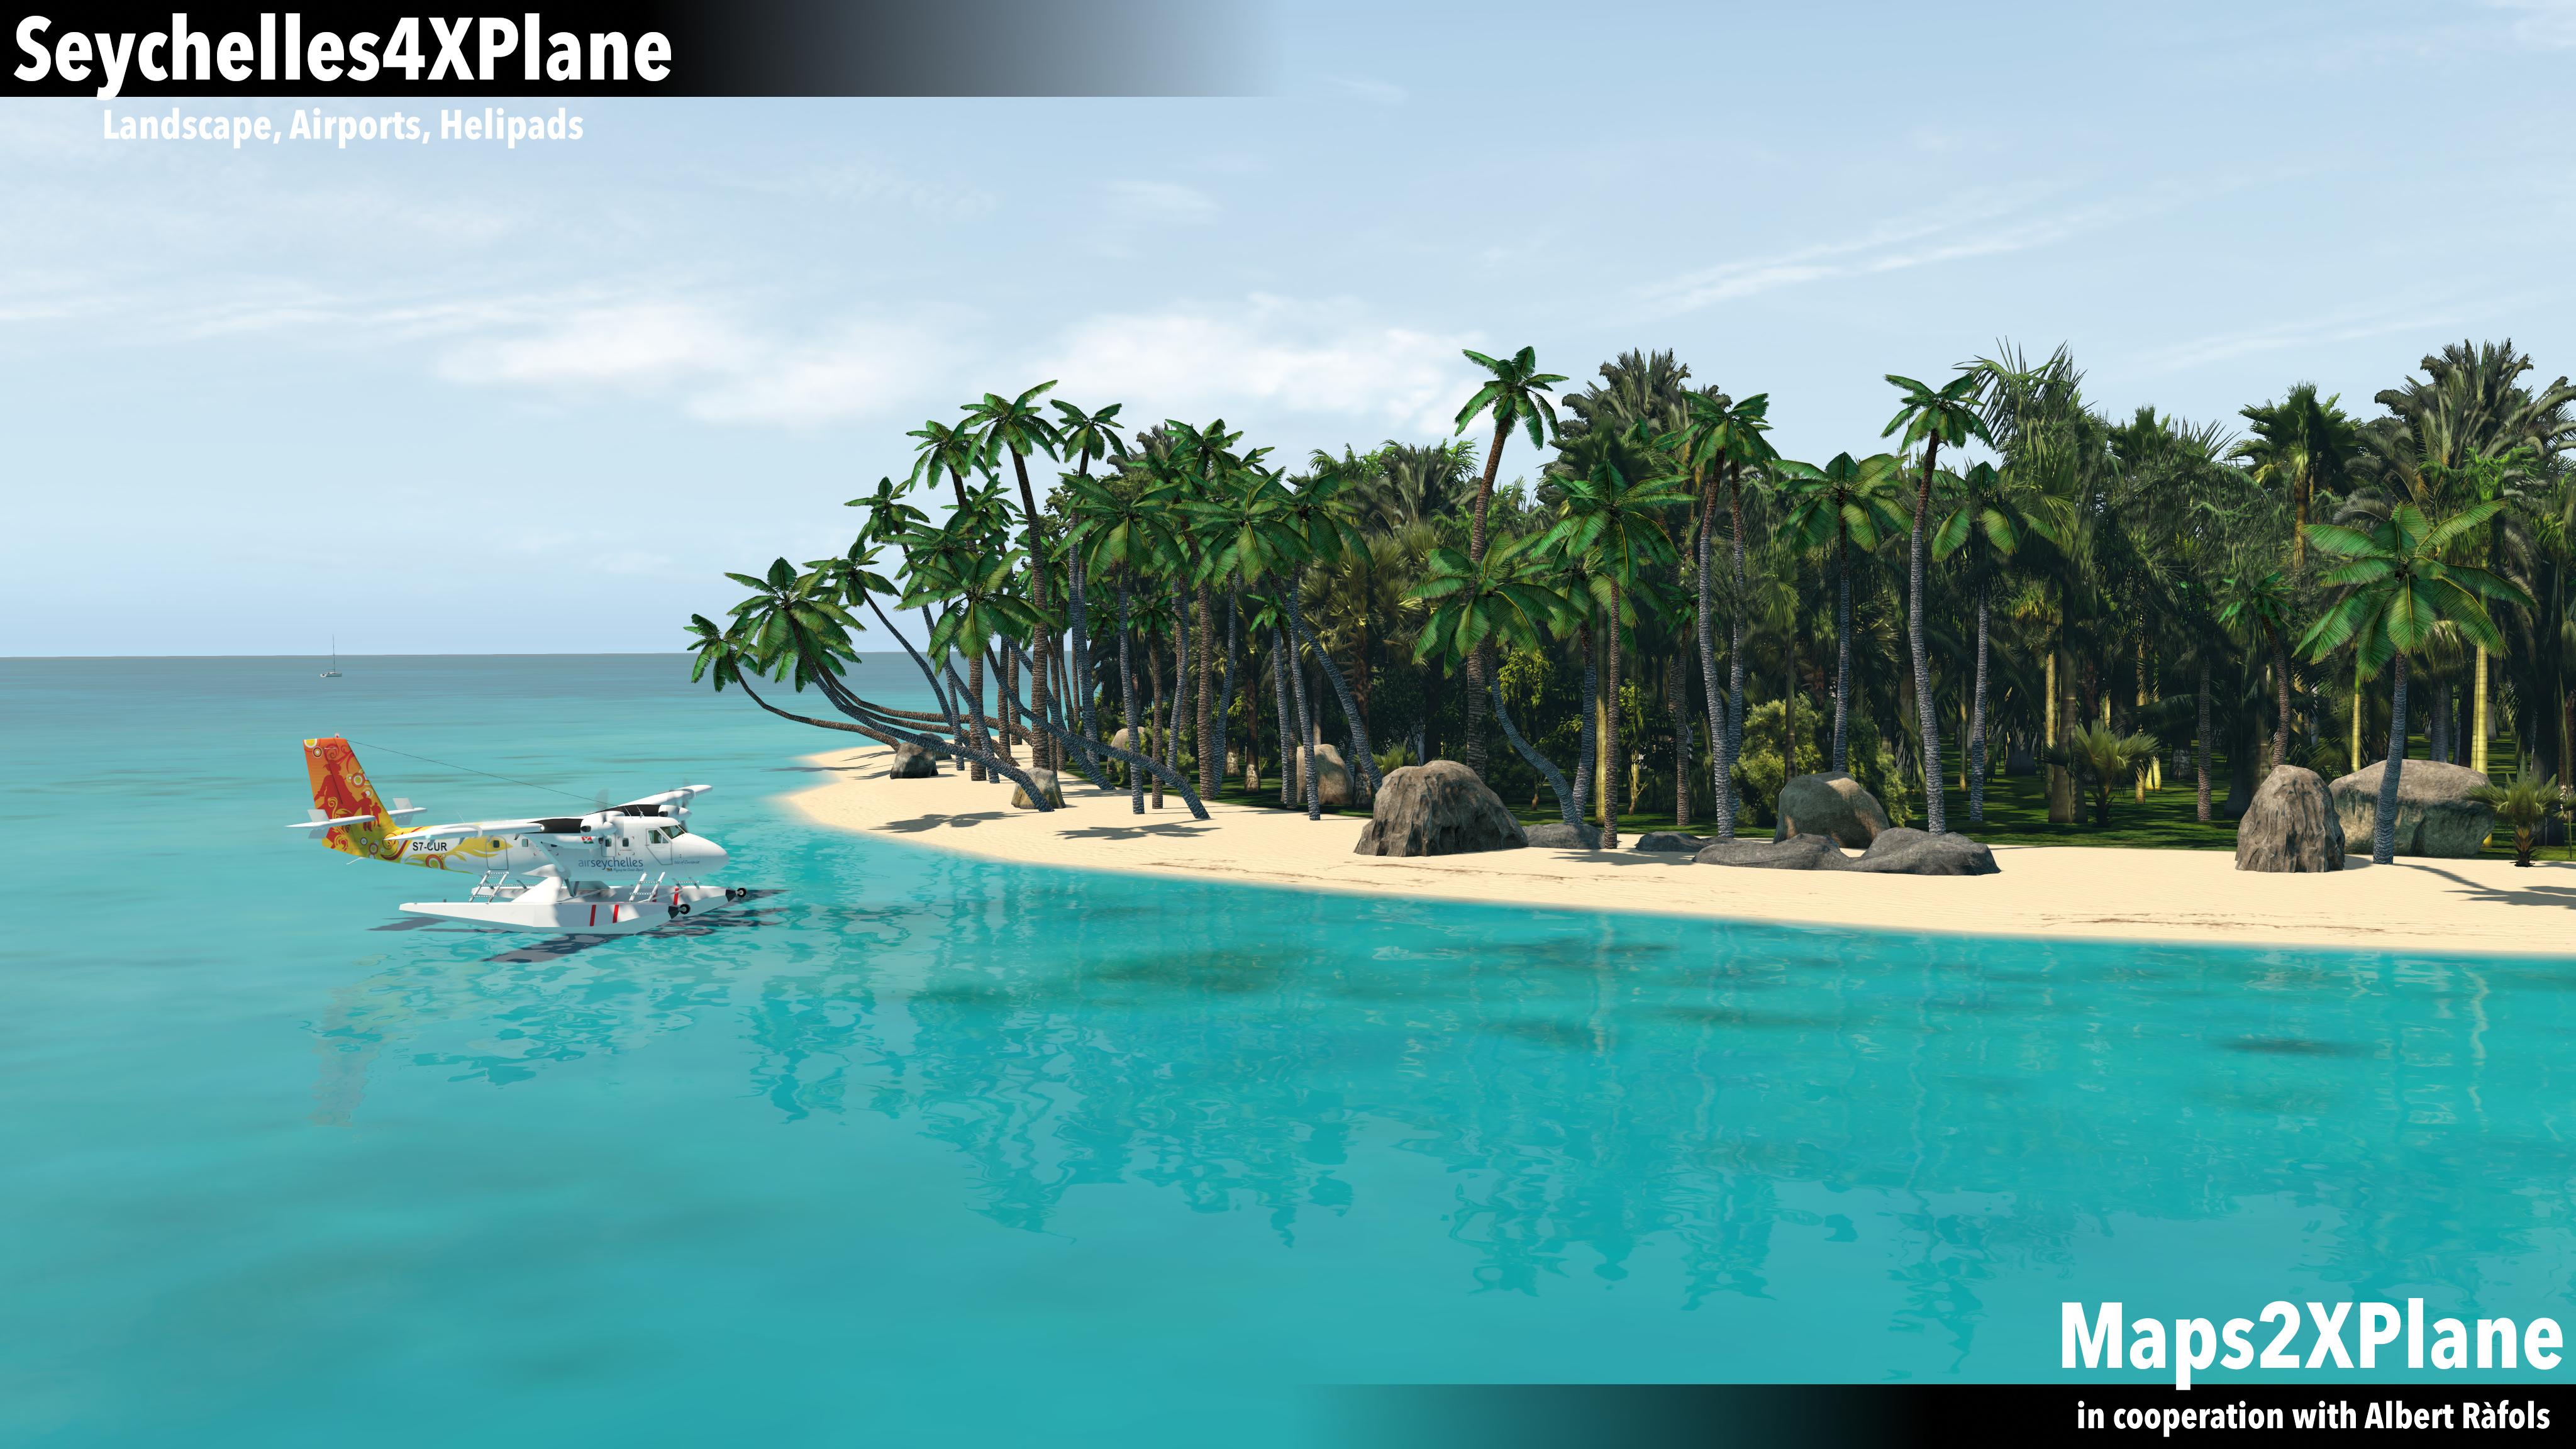 seychelles4xplane_fsfa_04.jpg